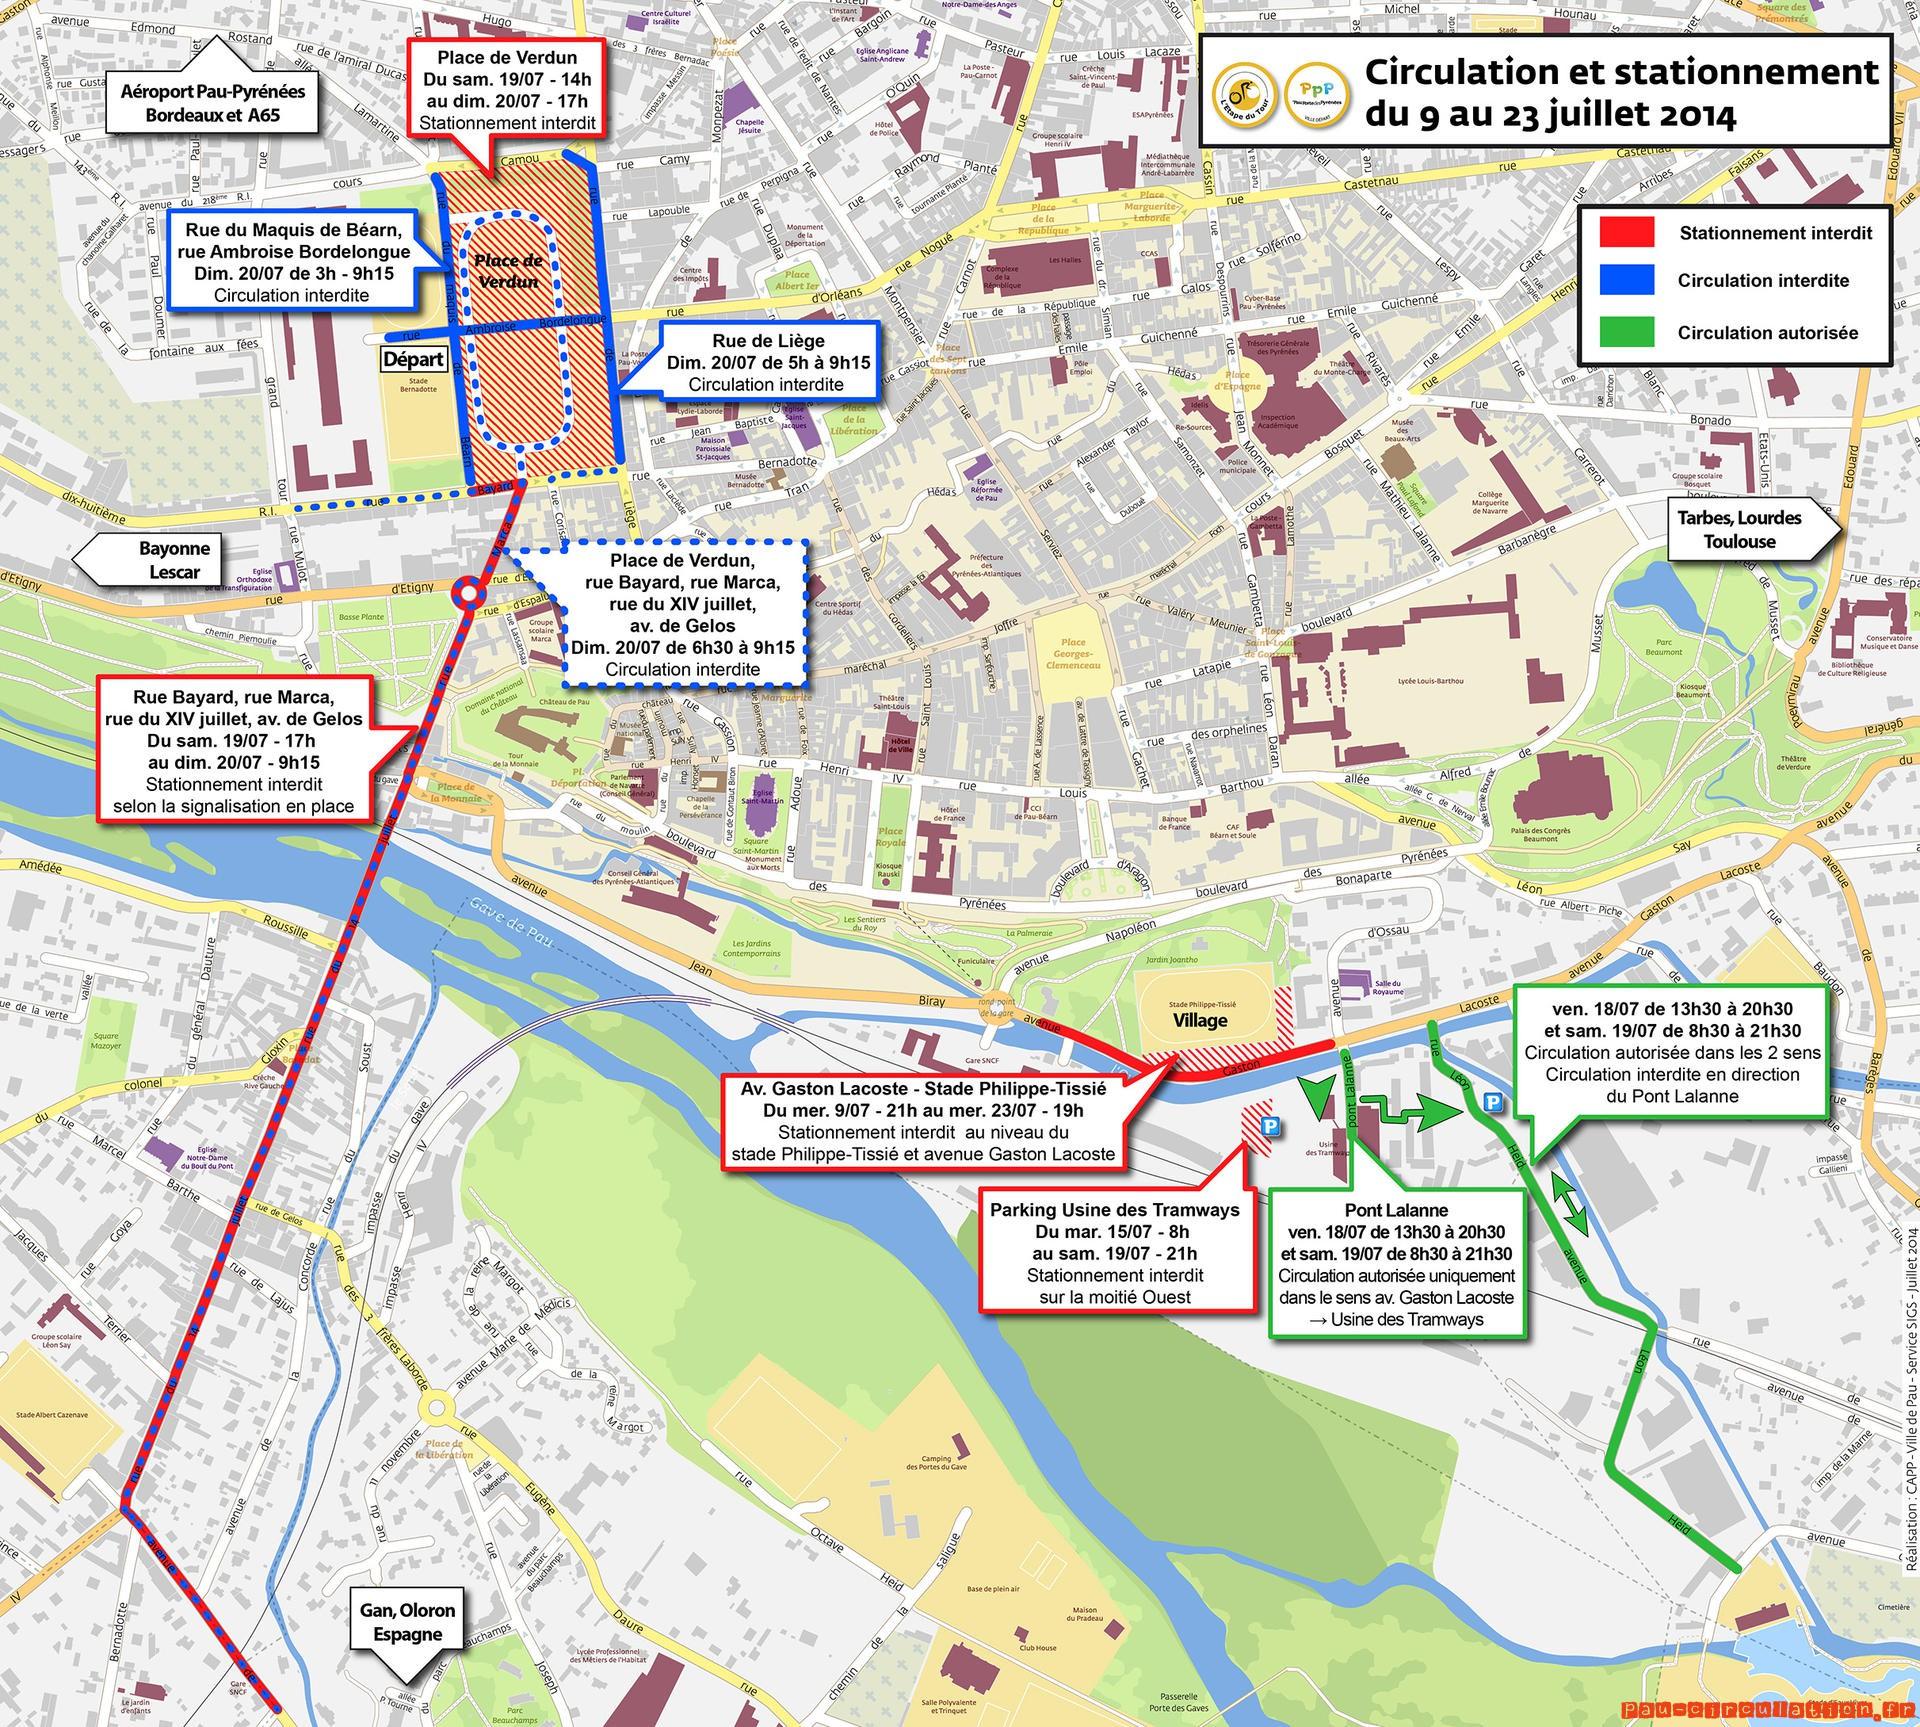 L'Étape du Tour : circulation et stationnement mode d'emploi